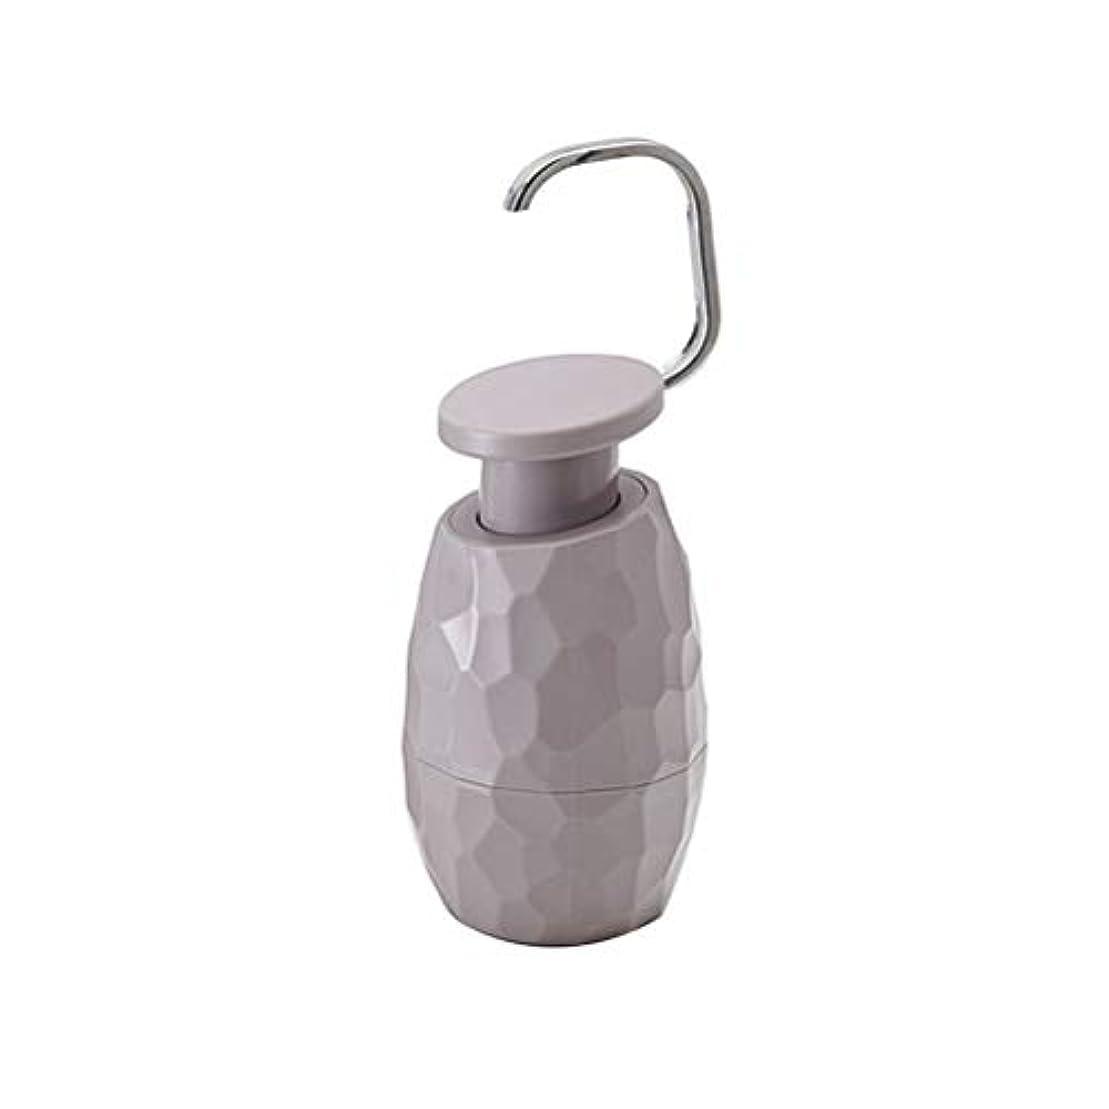 冷淡な荒野ビームTOPBATHY ソープディスペンサーボトルポンプ詰め替え用ボトル入り液体ソープシャンプーローションハンドディスペンサーキッチン(ダークグレー)